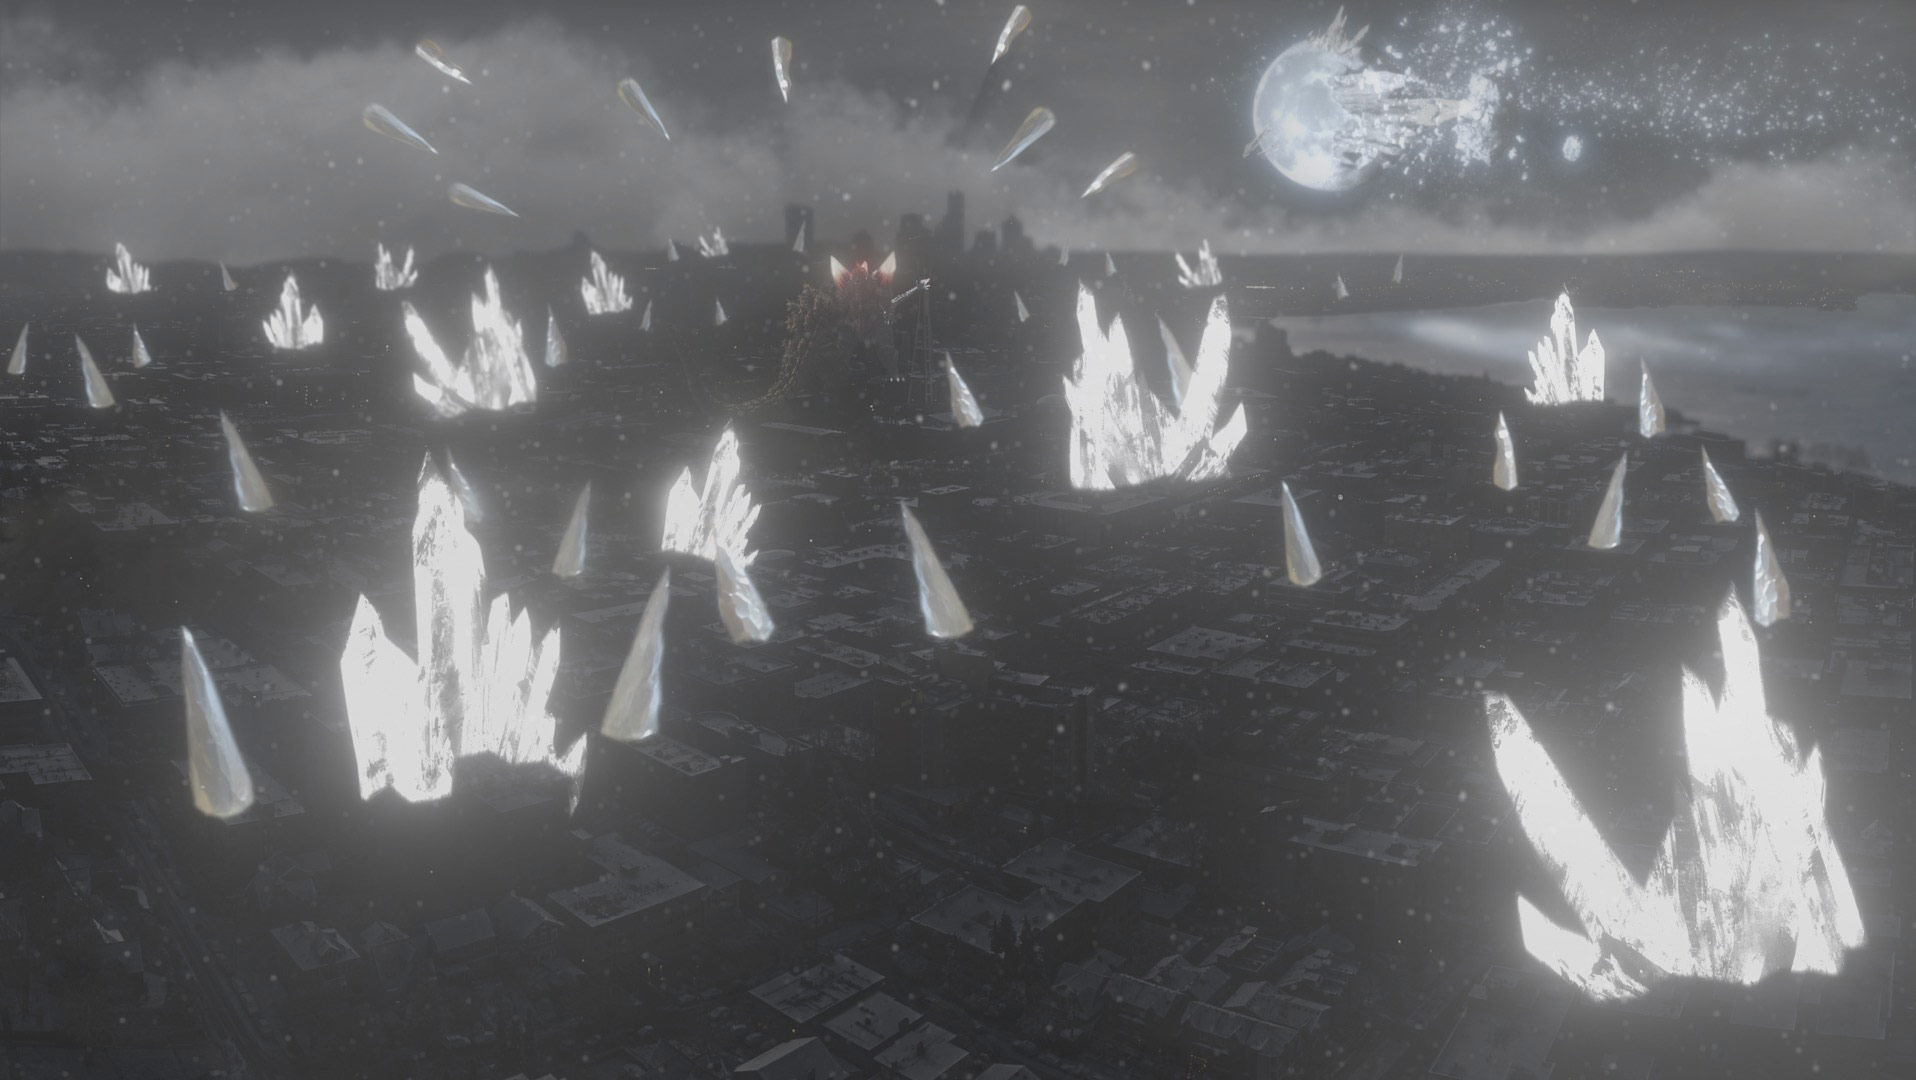 Making Space Godzilla: Prodigal Son